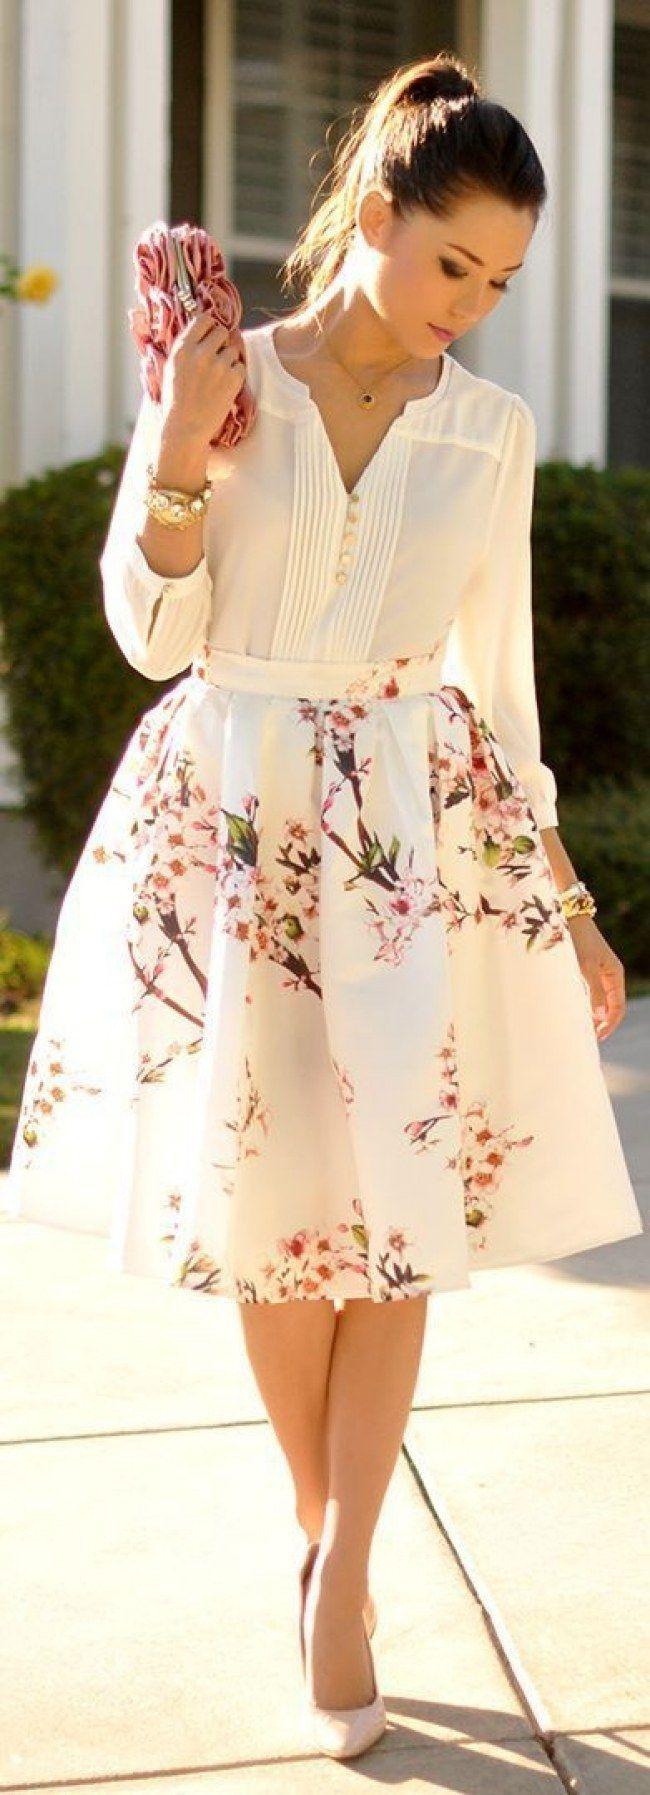 Midiröcke stylen: So kombiniert man die angesagten Röcke 2016 – Lini Le Gil 💋